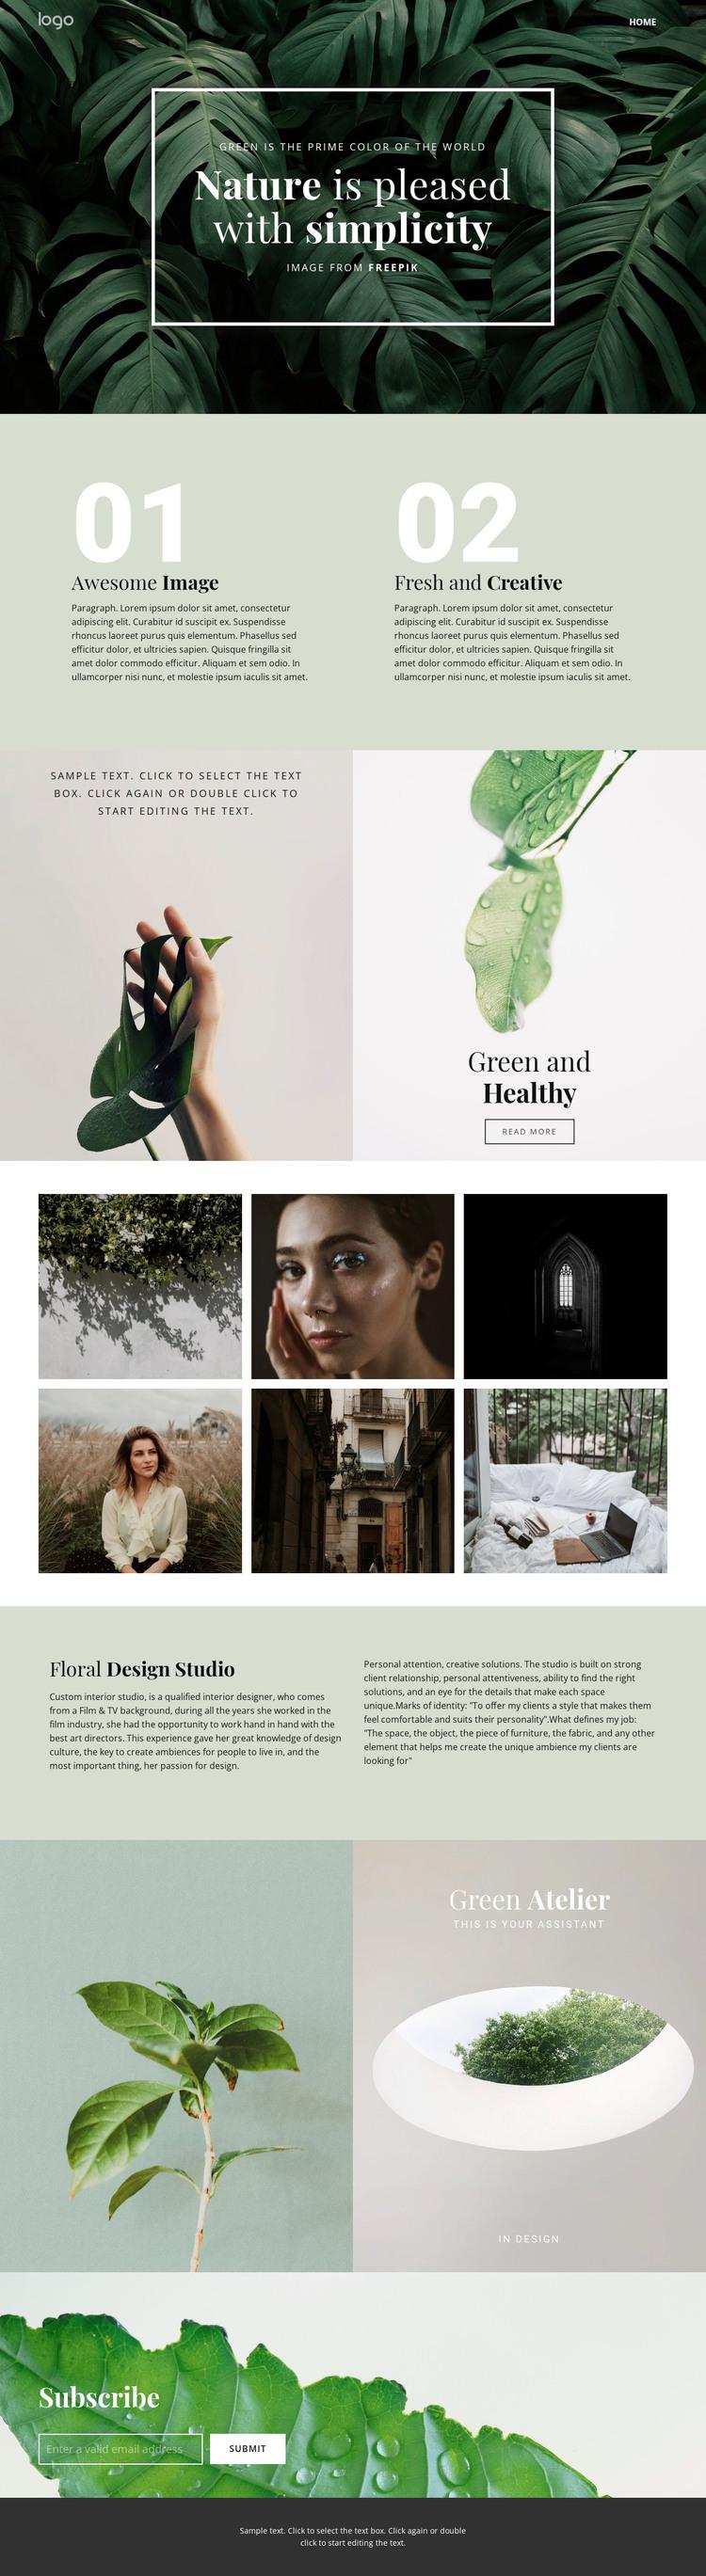 Beauty simplicity of nature WordPress Theme